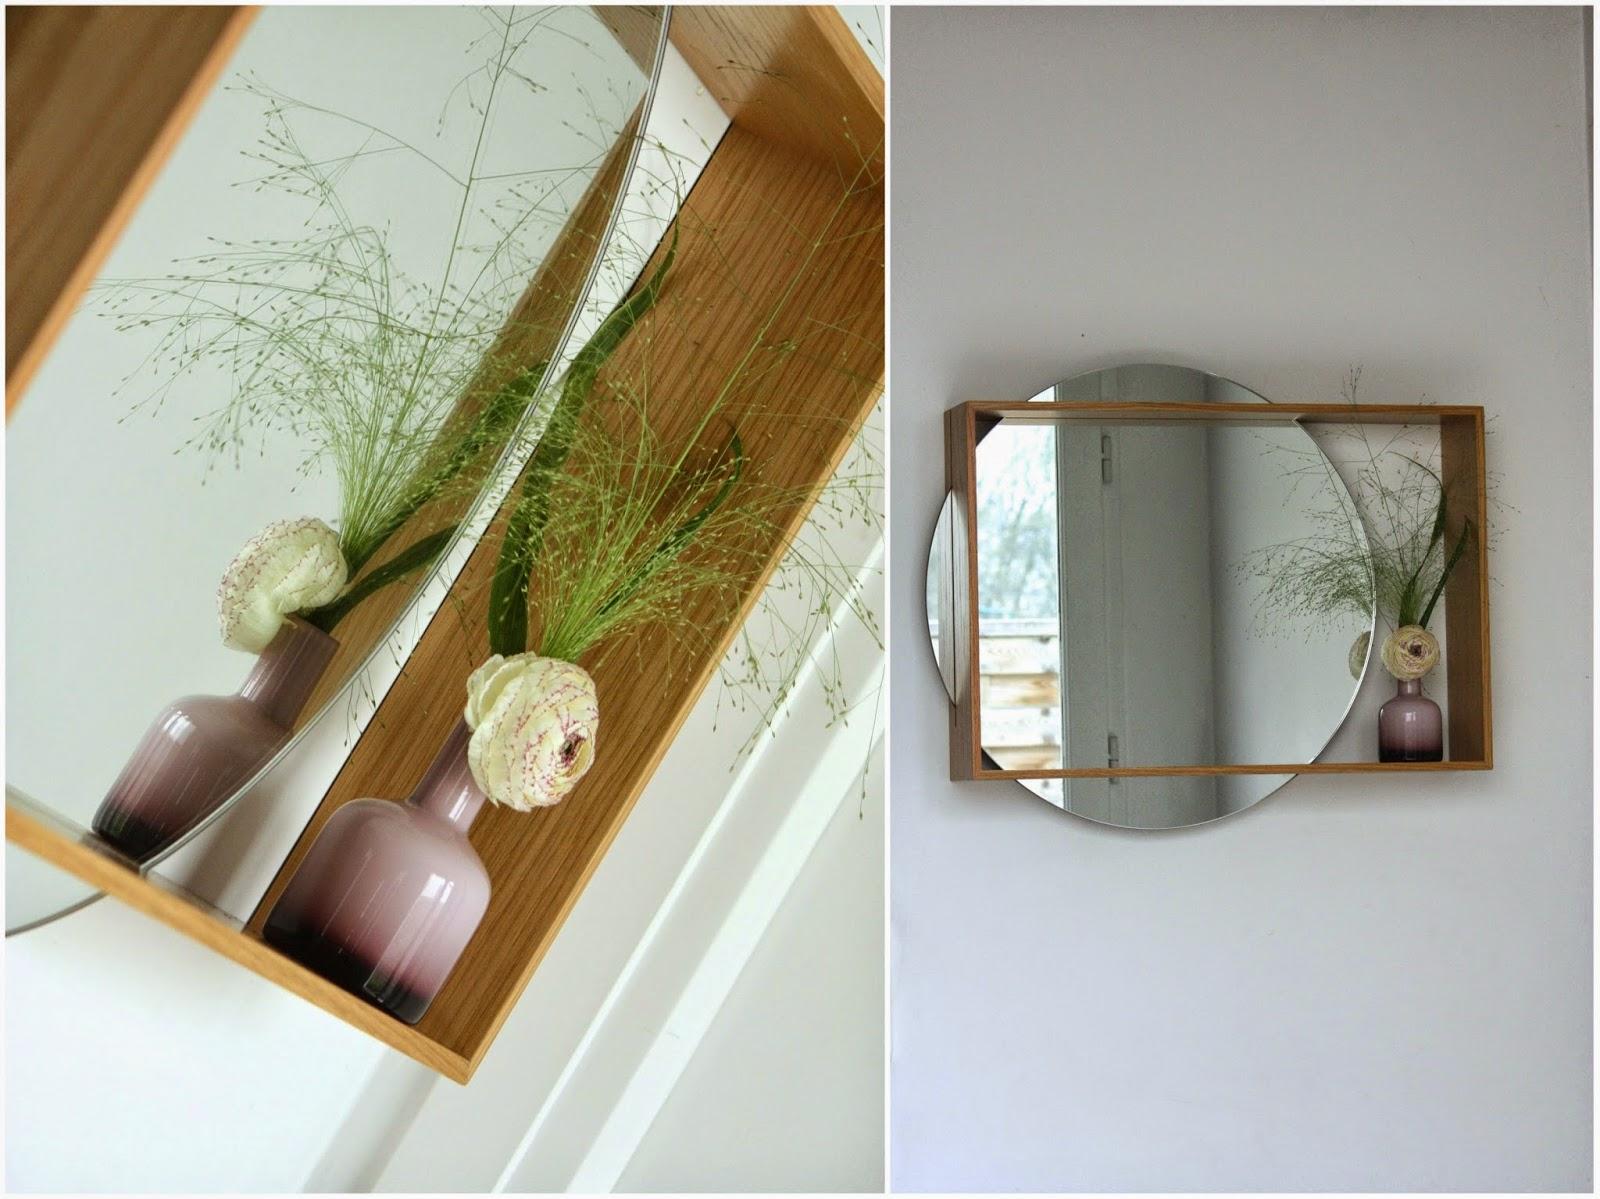 Un nouveau regard: Miroir, mon beau miroir...